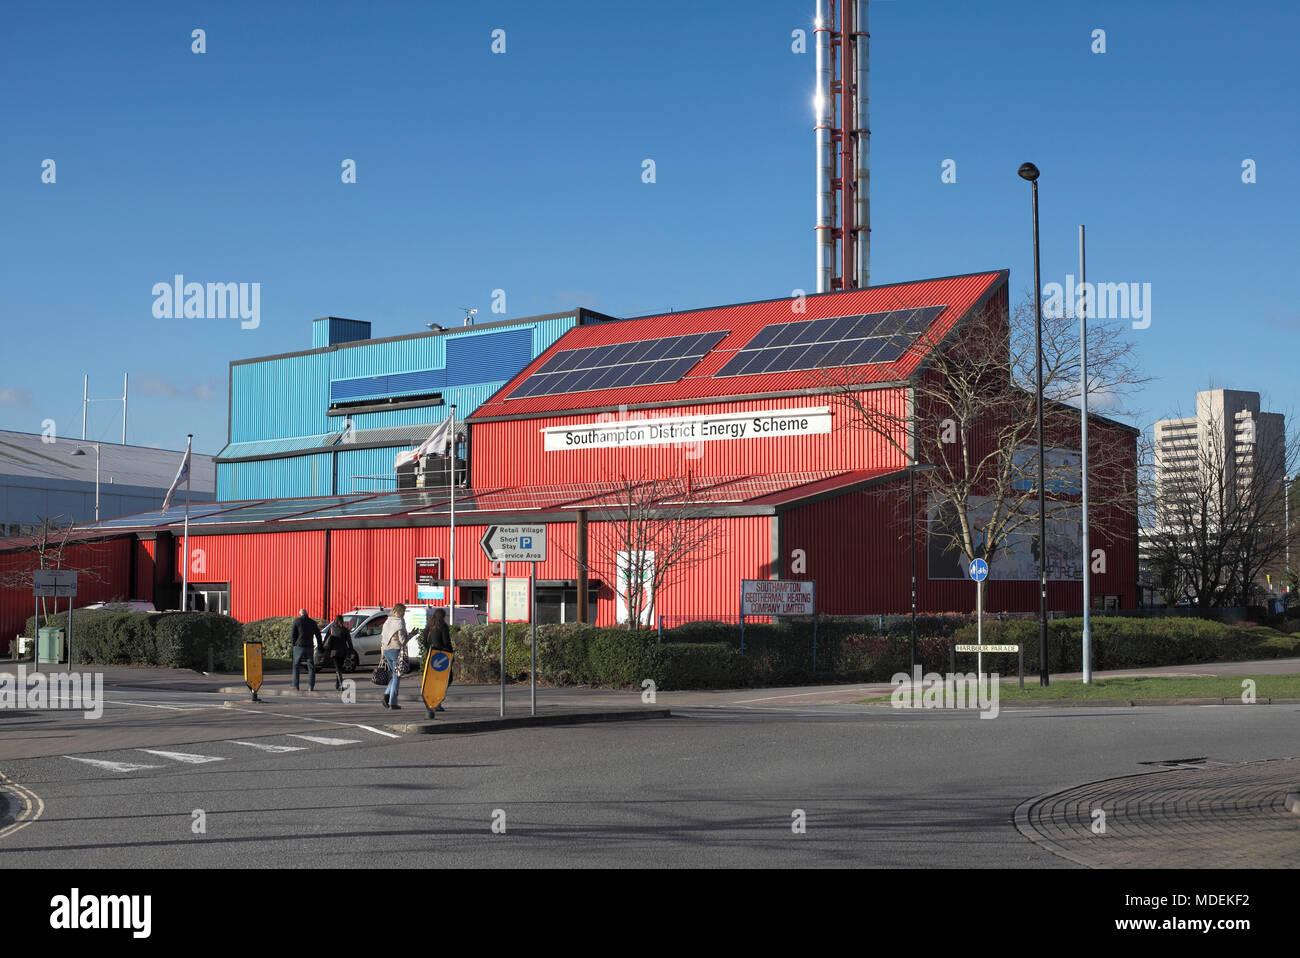 La stazione di calore, parte del distretto di Southampton regime energetico, dove il calore geotermico viene utilizzato in una rete di teleriscaldamento. Immagini Stock